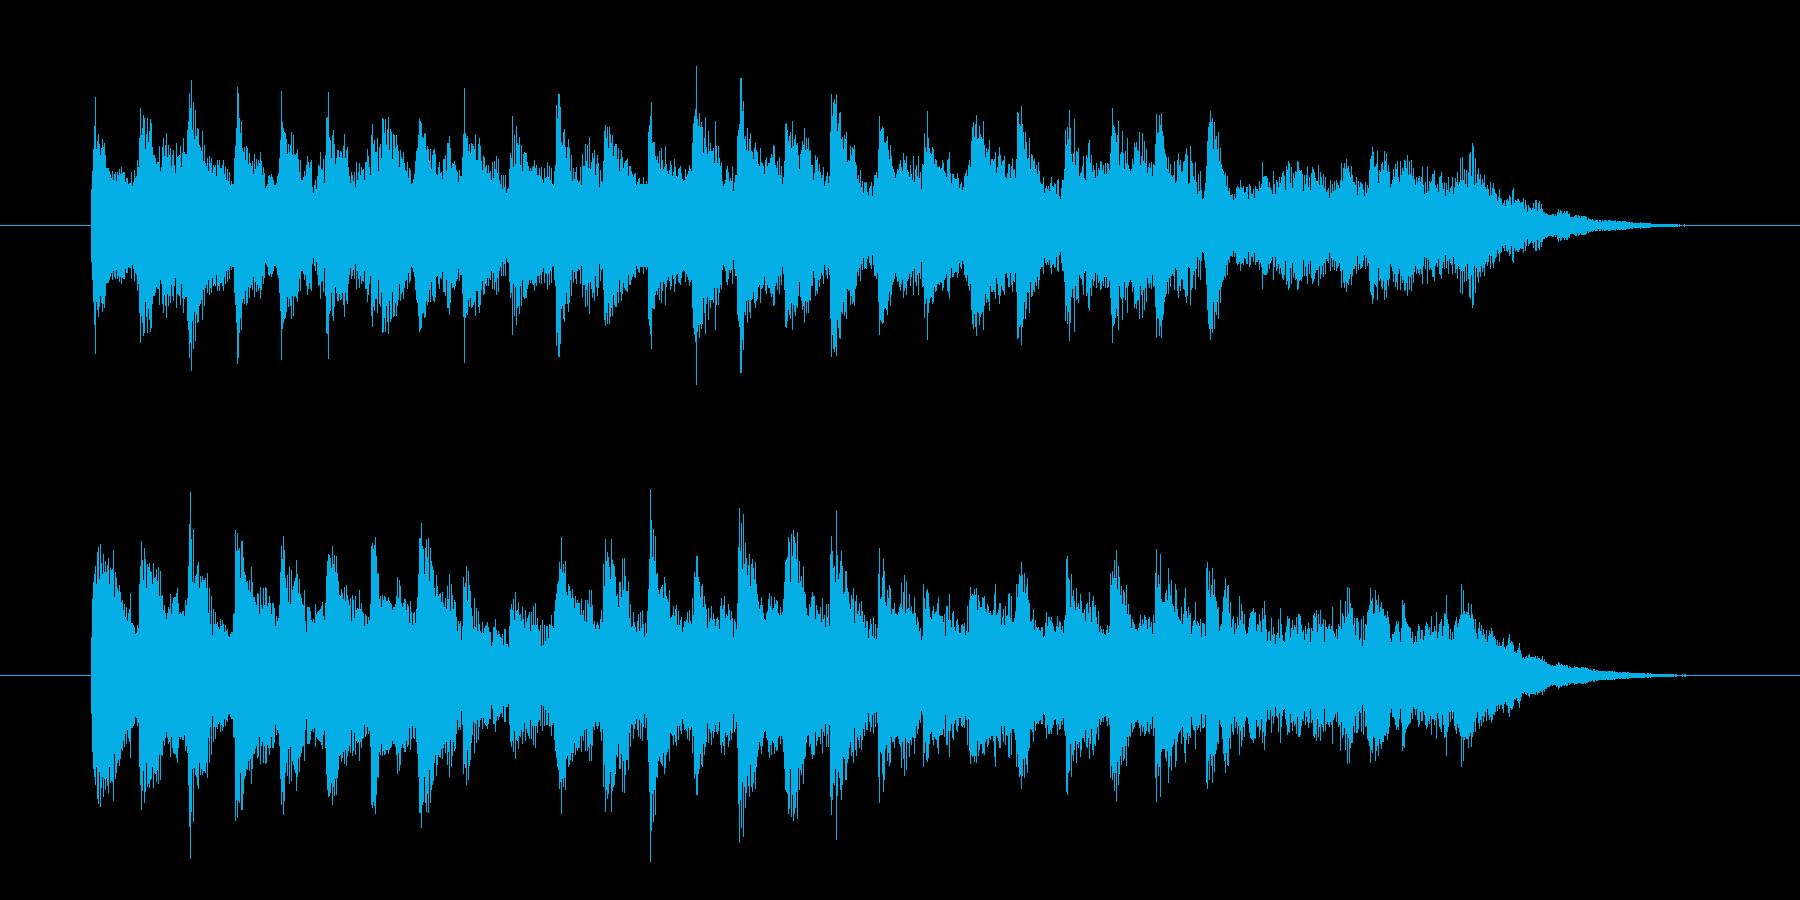 二度寝の気持ち良さを音楽で表現したBGMの再生済みの波形